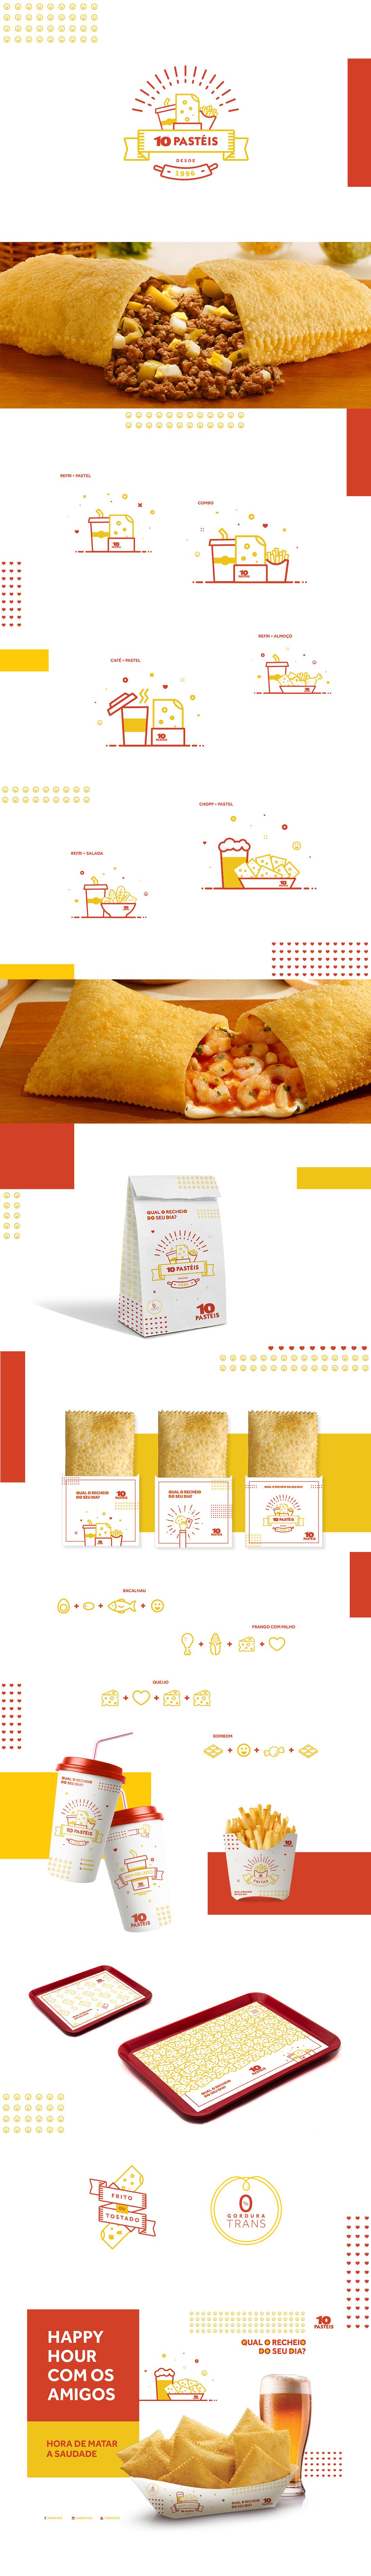 Food  brand fast ILLUSTRATION  identidad identity ilustracion 10pasteis brands branding